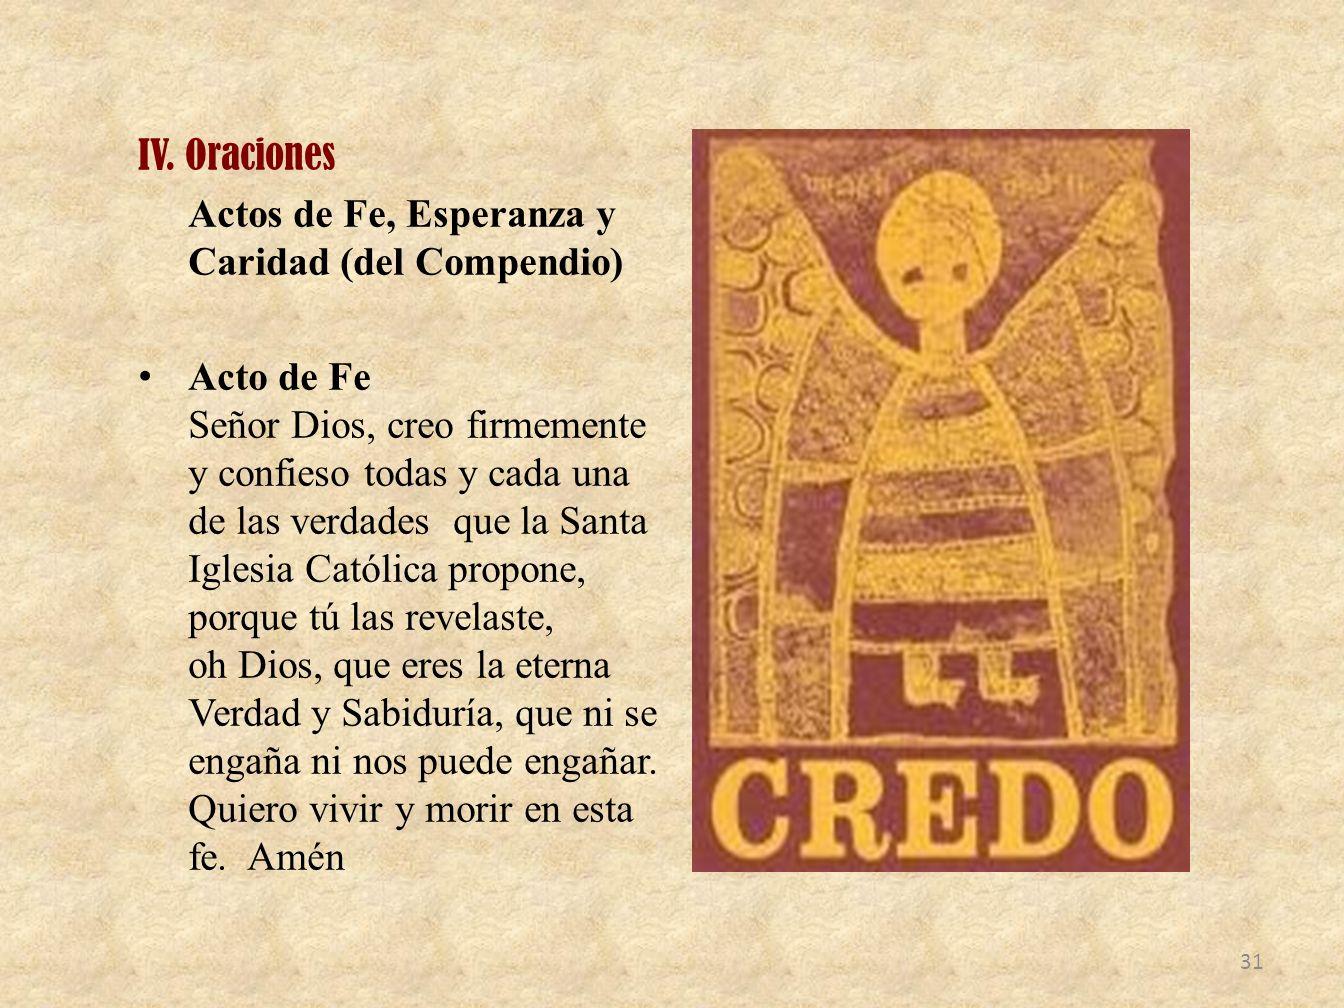 IV. Oraciones Actos de Fe, Esperanza y Caridad (del Compendio)